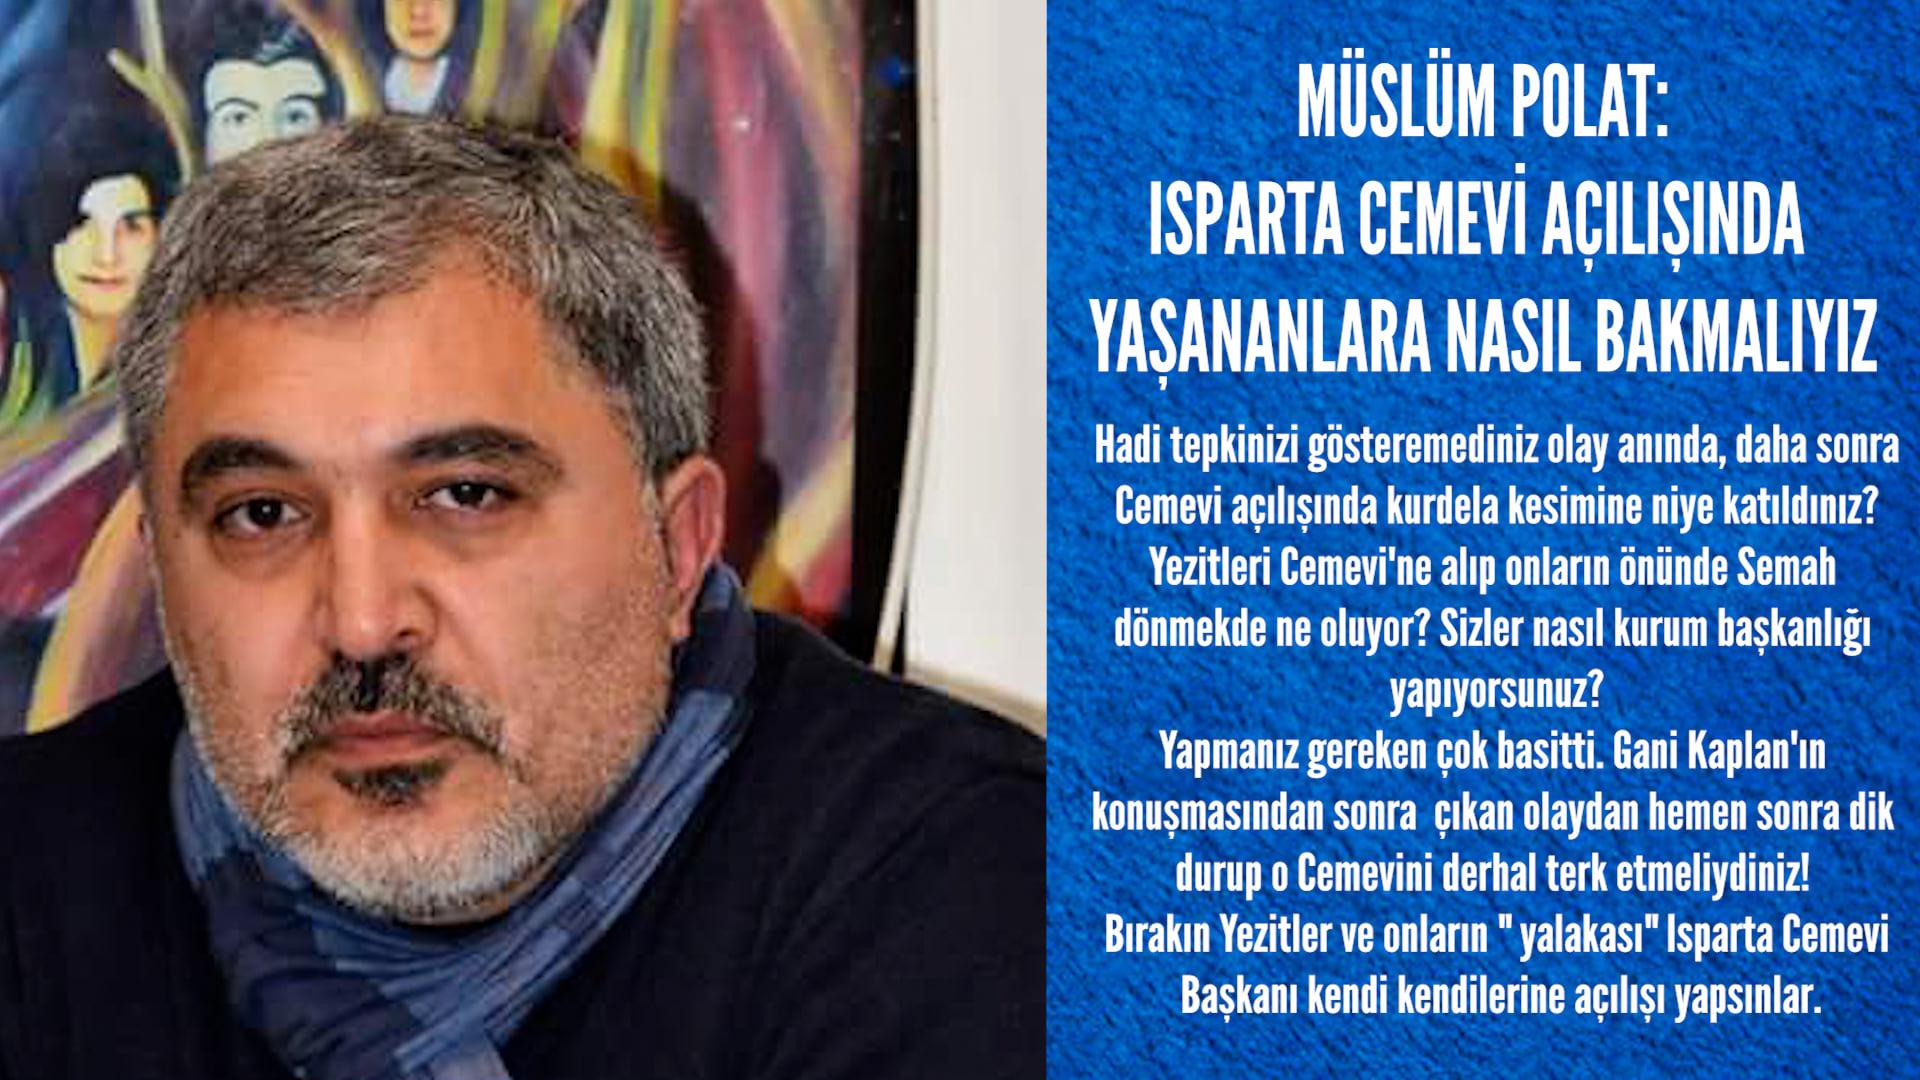 """Müslüm Polat """"Yezitleri Cemevine alıp huzurlarında semaha durmak ne demek"""""""